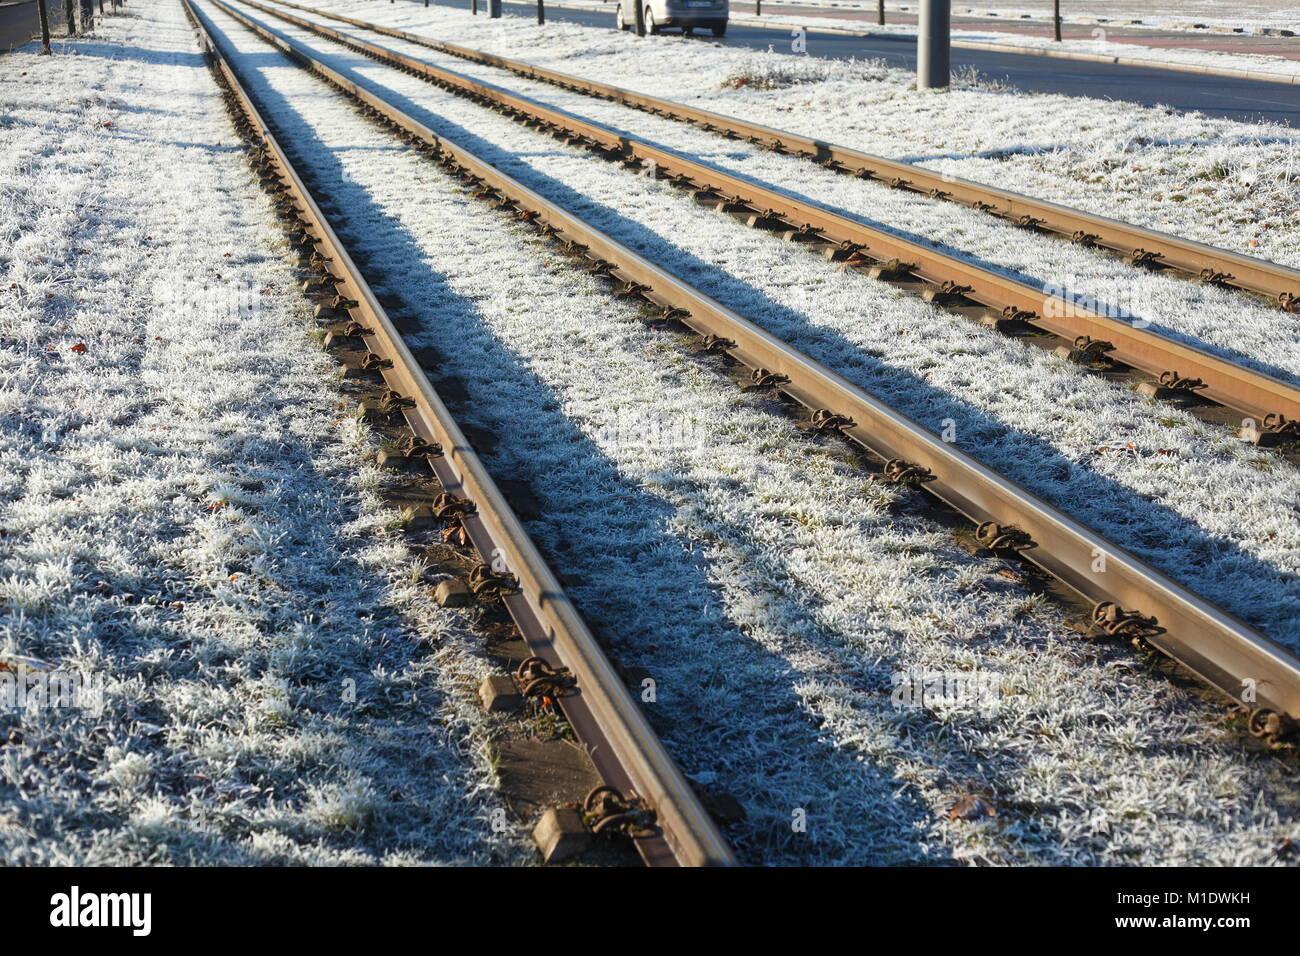 Mit Raureif überzogen Eisenbahnschienen, Eisenbahnschwellen, Bremen, Deutschland, Europa ich mit Raureif überzogene Stockbild